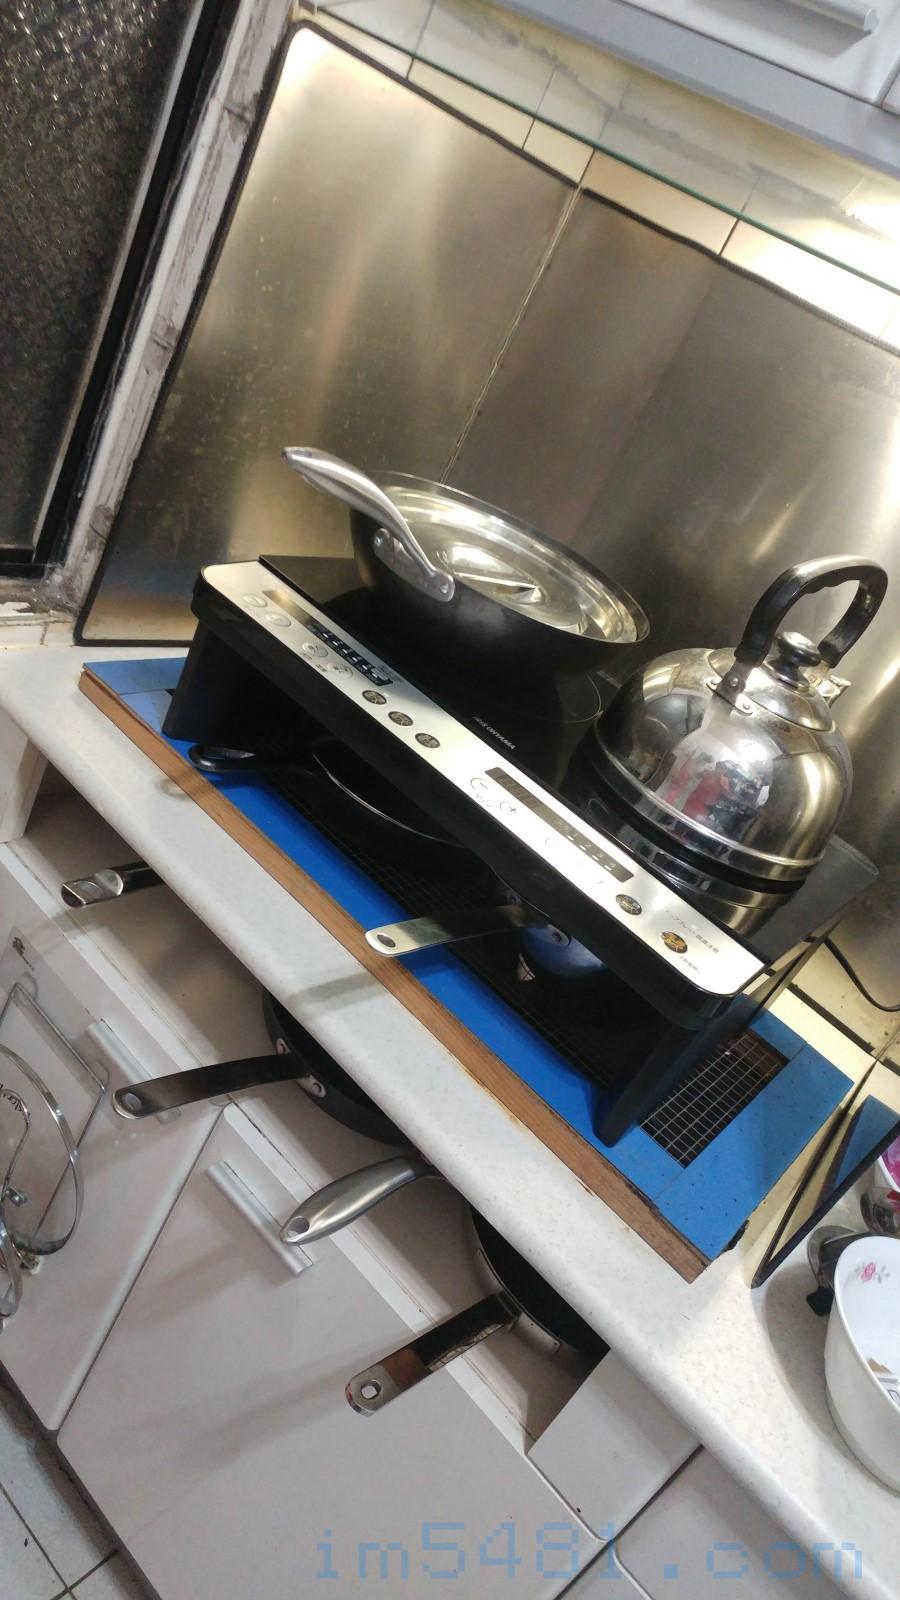 現在一口氣可以在IH爐的架上放上八個常用爐具